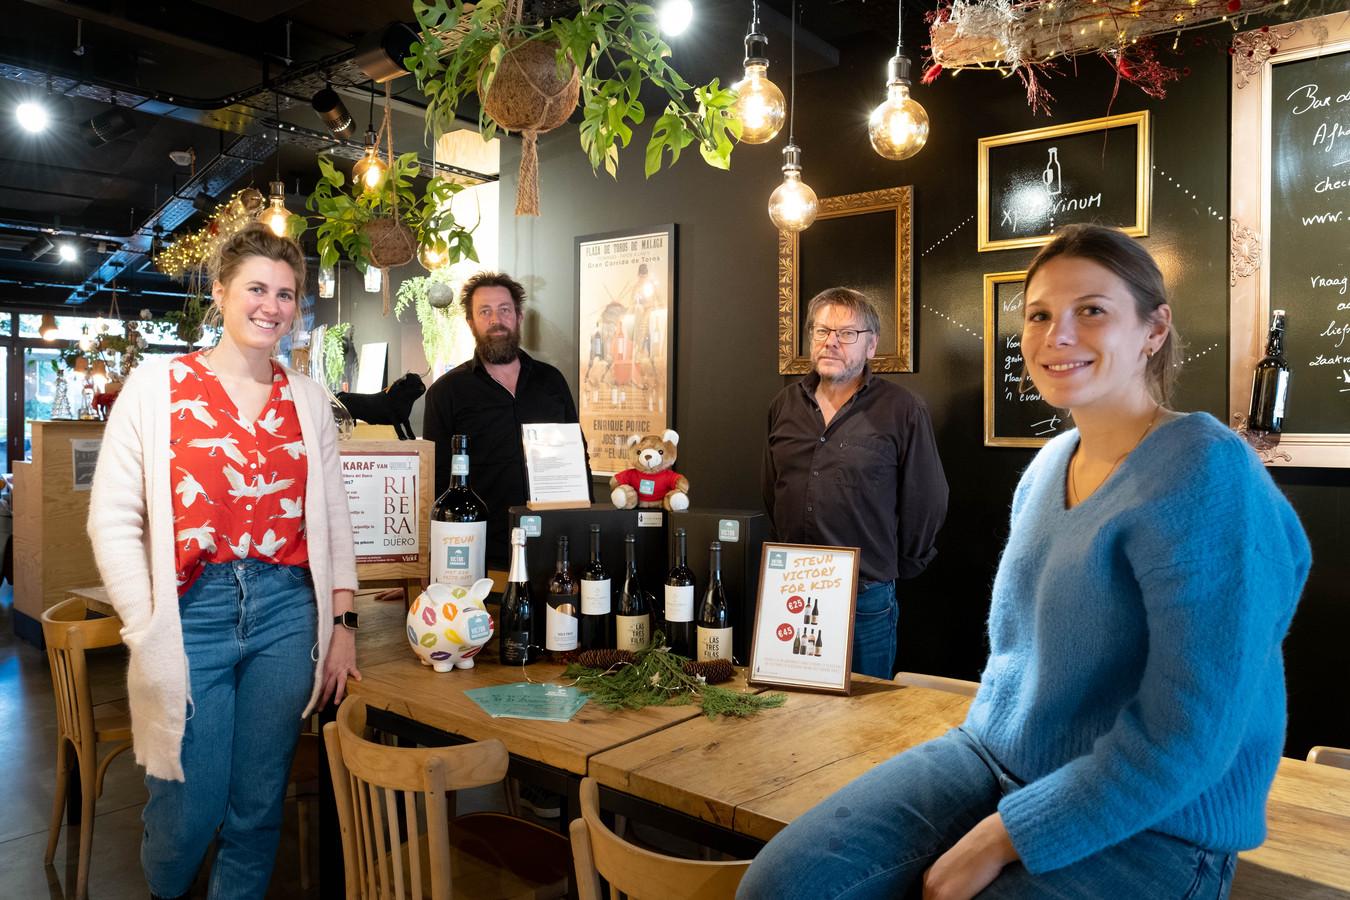 LEEST Marc en Ines Keulemans van VICTORy FOR KIDS en Wim en Hanne Dons van Xpertvinum verkopen wijn ten voordele van kansarme kinderen